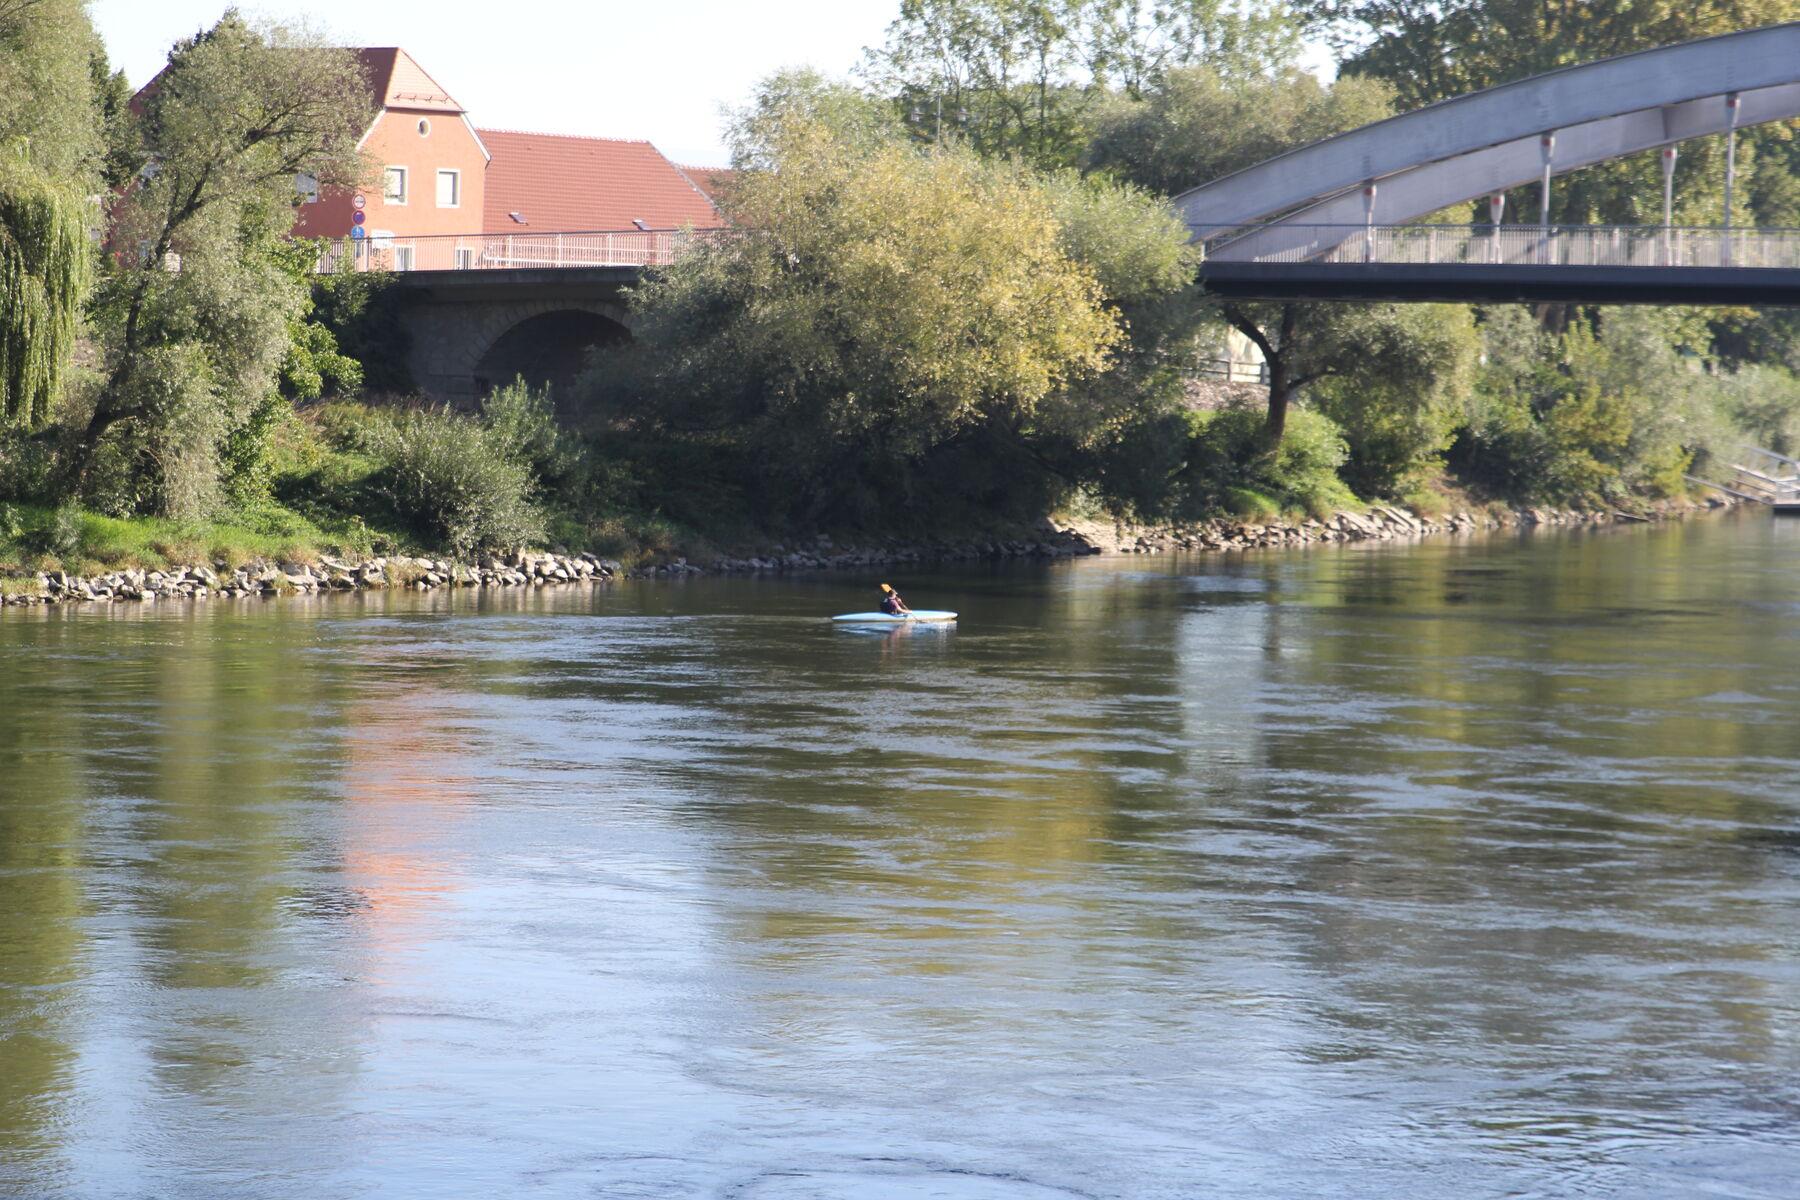 Kanufahren auf der Donau